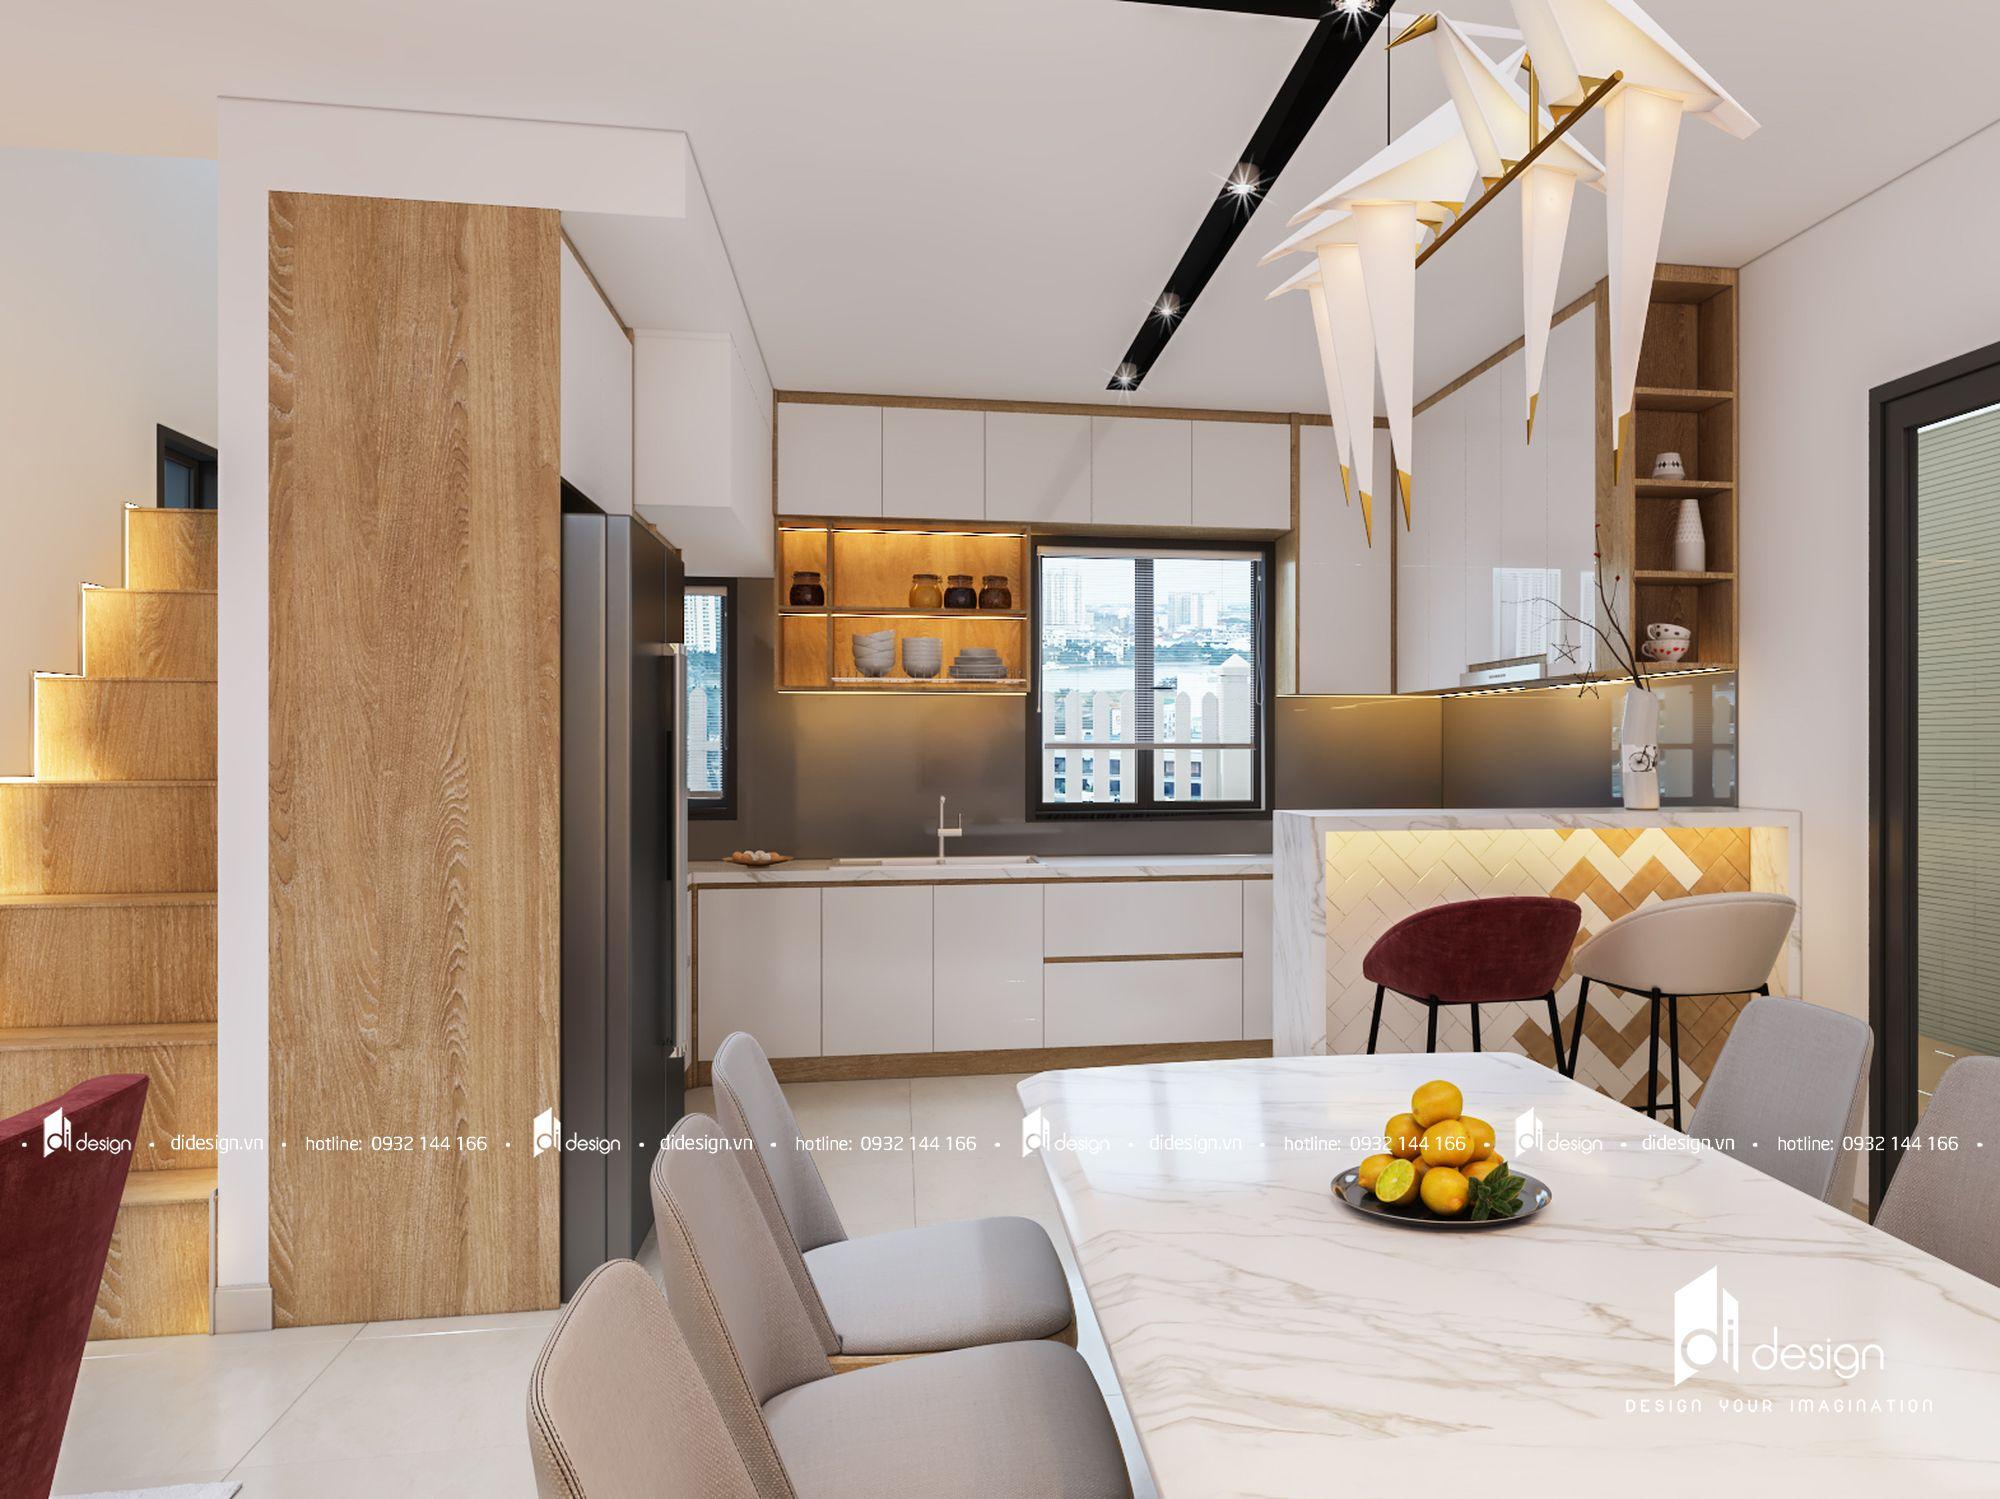 Thiết kế nội thất Nhà phố Camellia 140m2 hiện đại sang trọng